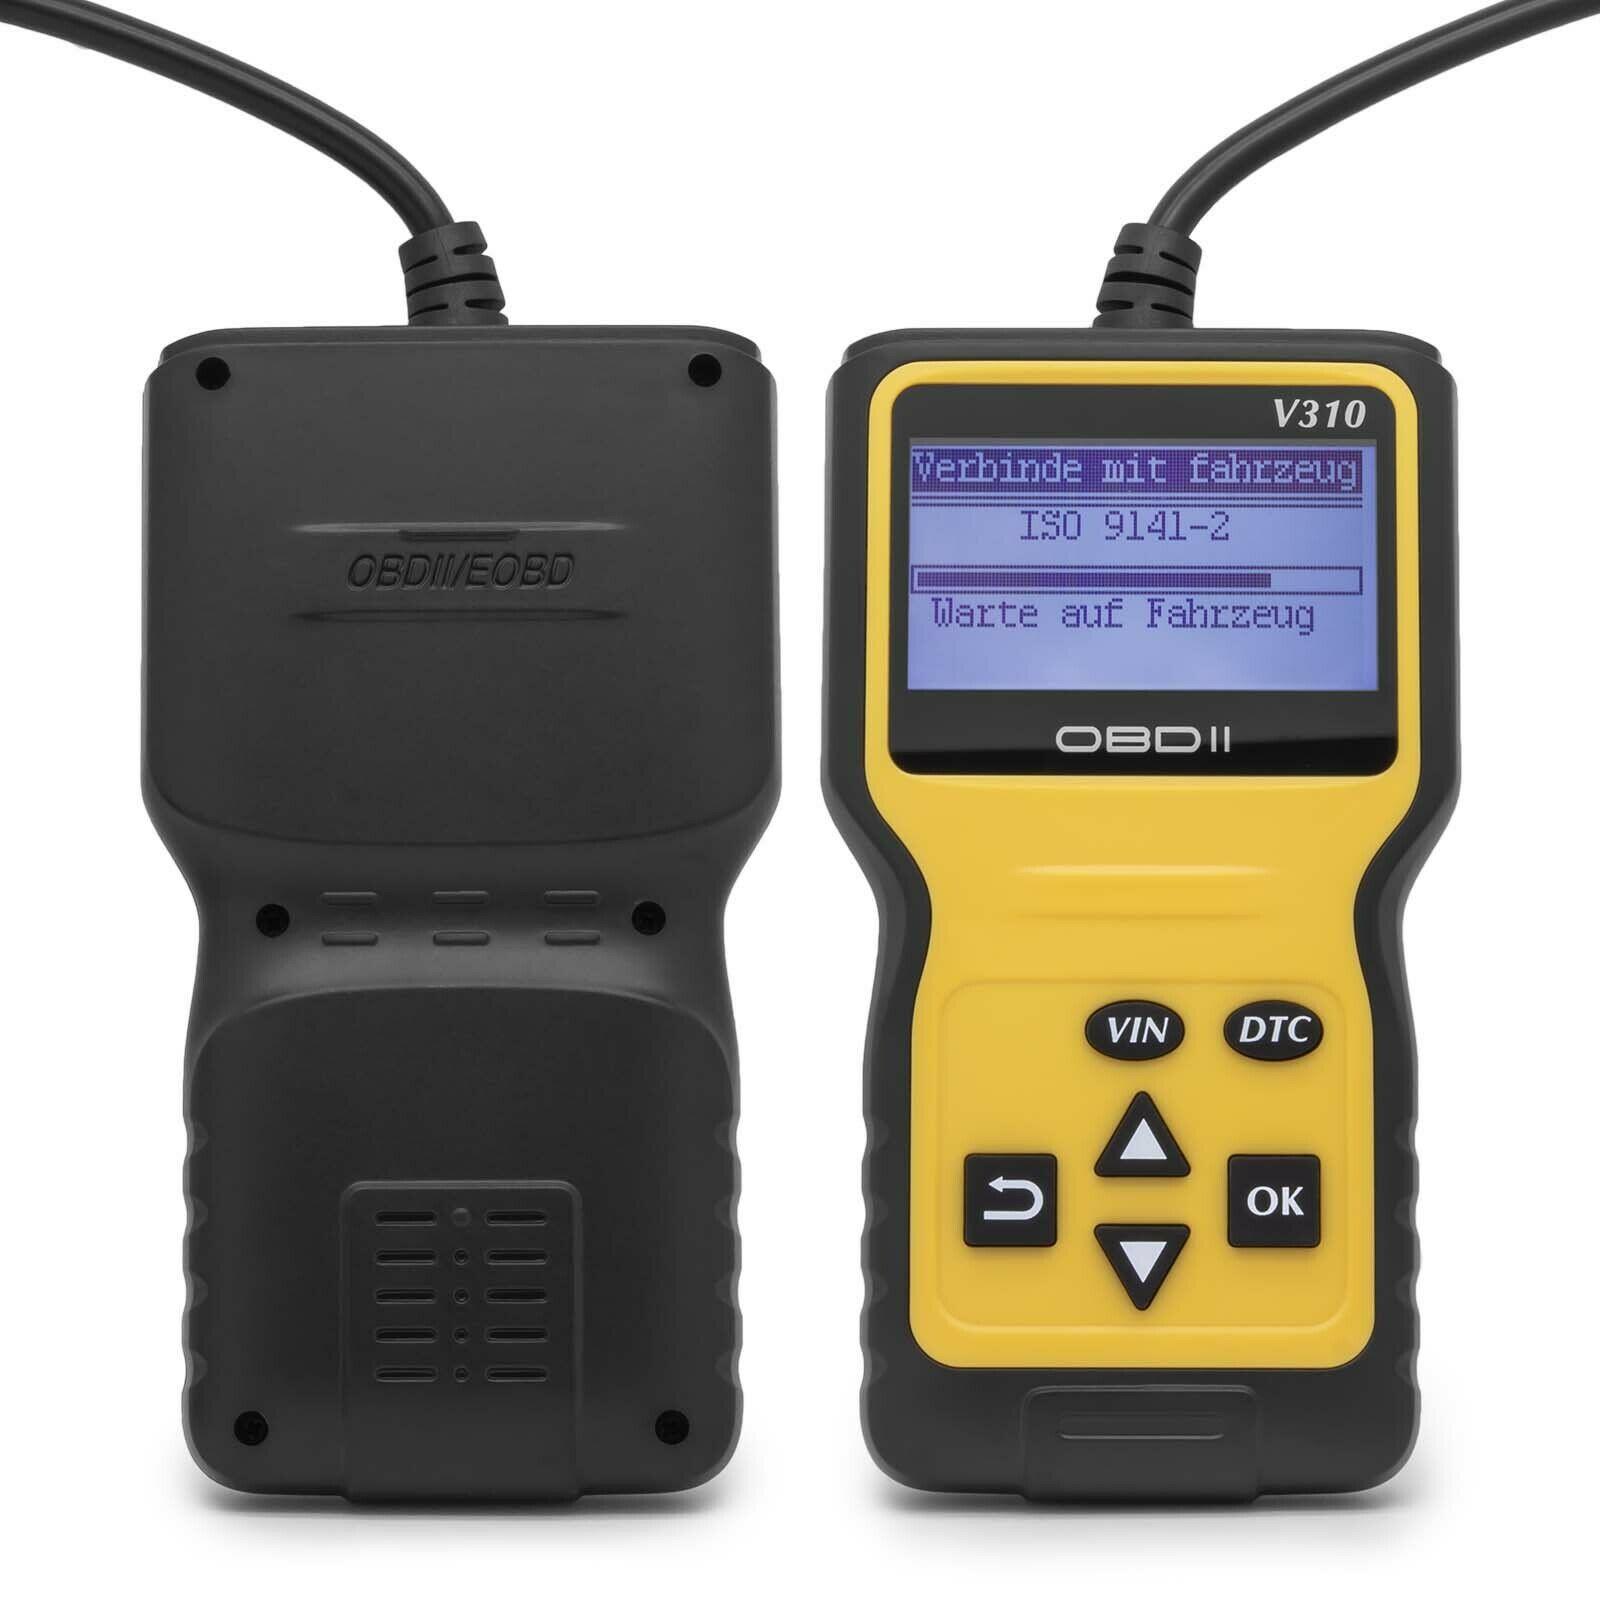 Lector de código V310 escáner V1.1 comprobar falla del motor V310 herramienta de diagnóstico de sonda de velocidad del coche V310 escáner de código V310 OBD2 escáner